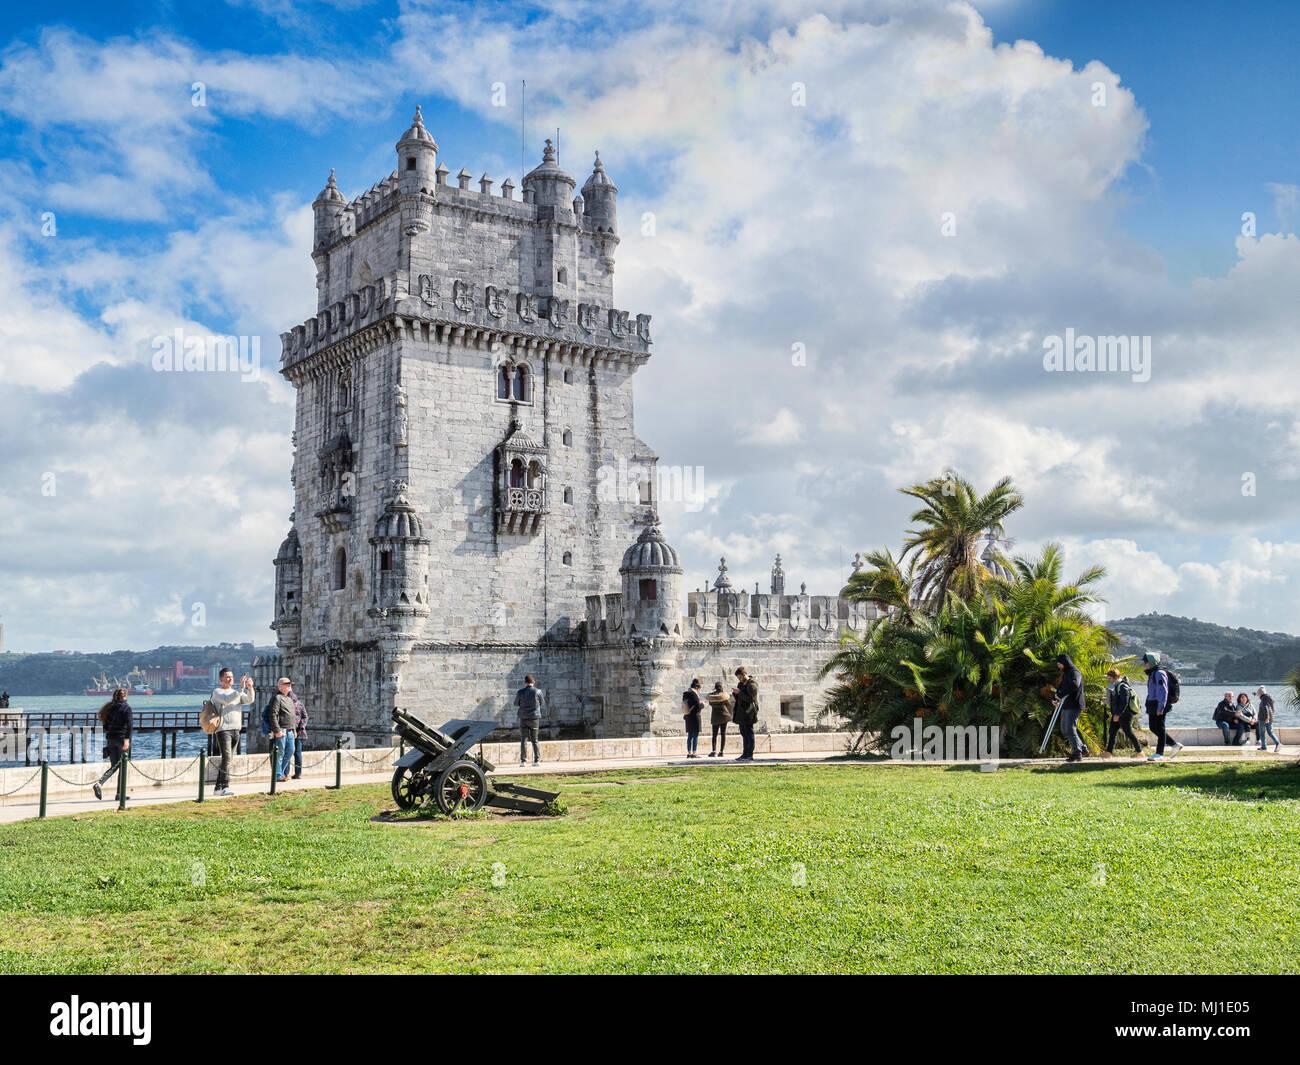 5 Marzo 2018: Lisbona Portogallo - La Torre di Belem, famoso punto di riferimento e Patrimonio mondiale dell UNESCO. Foto Stock